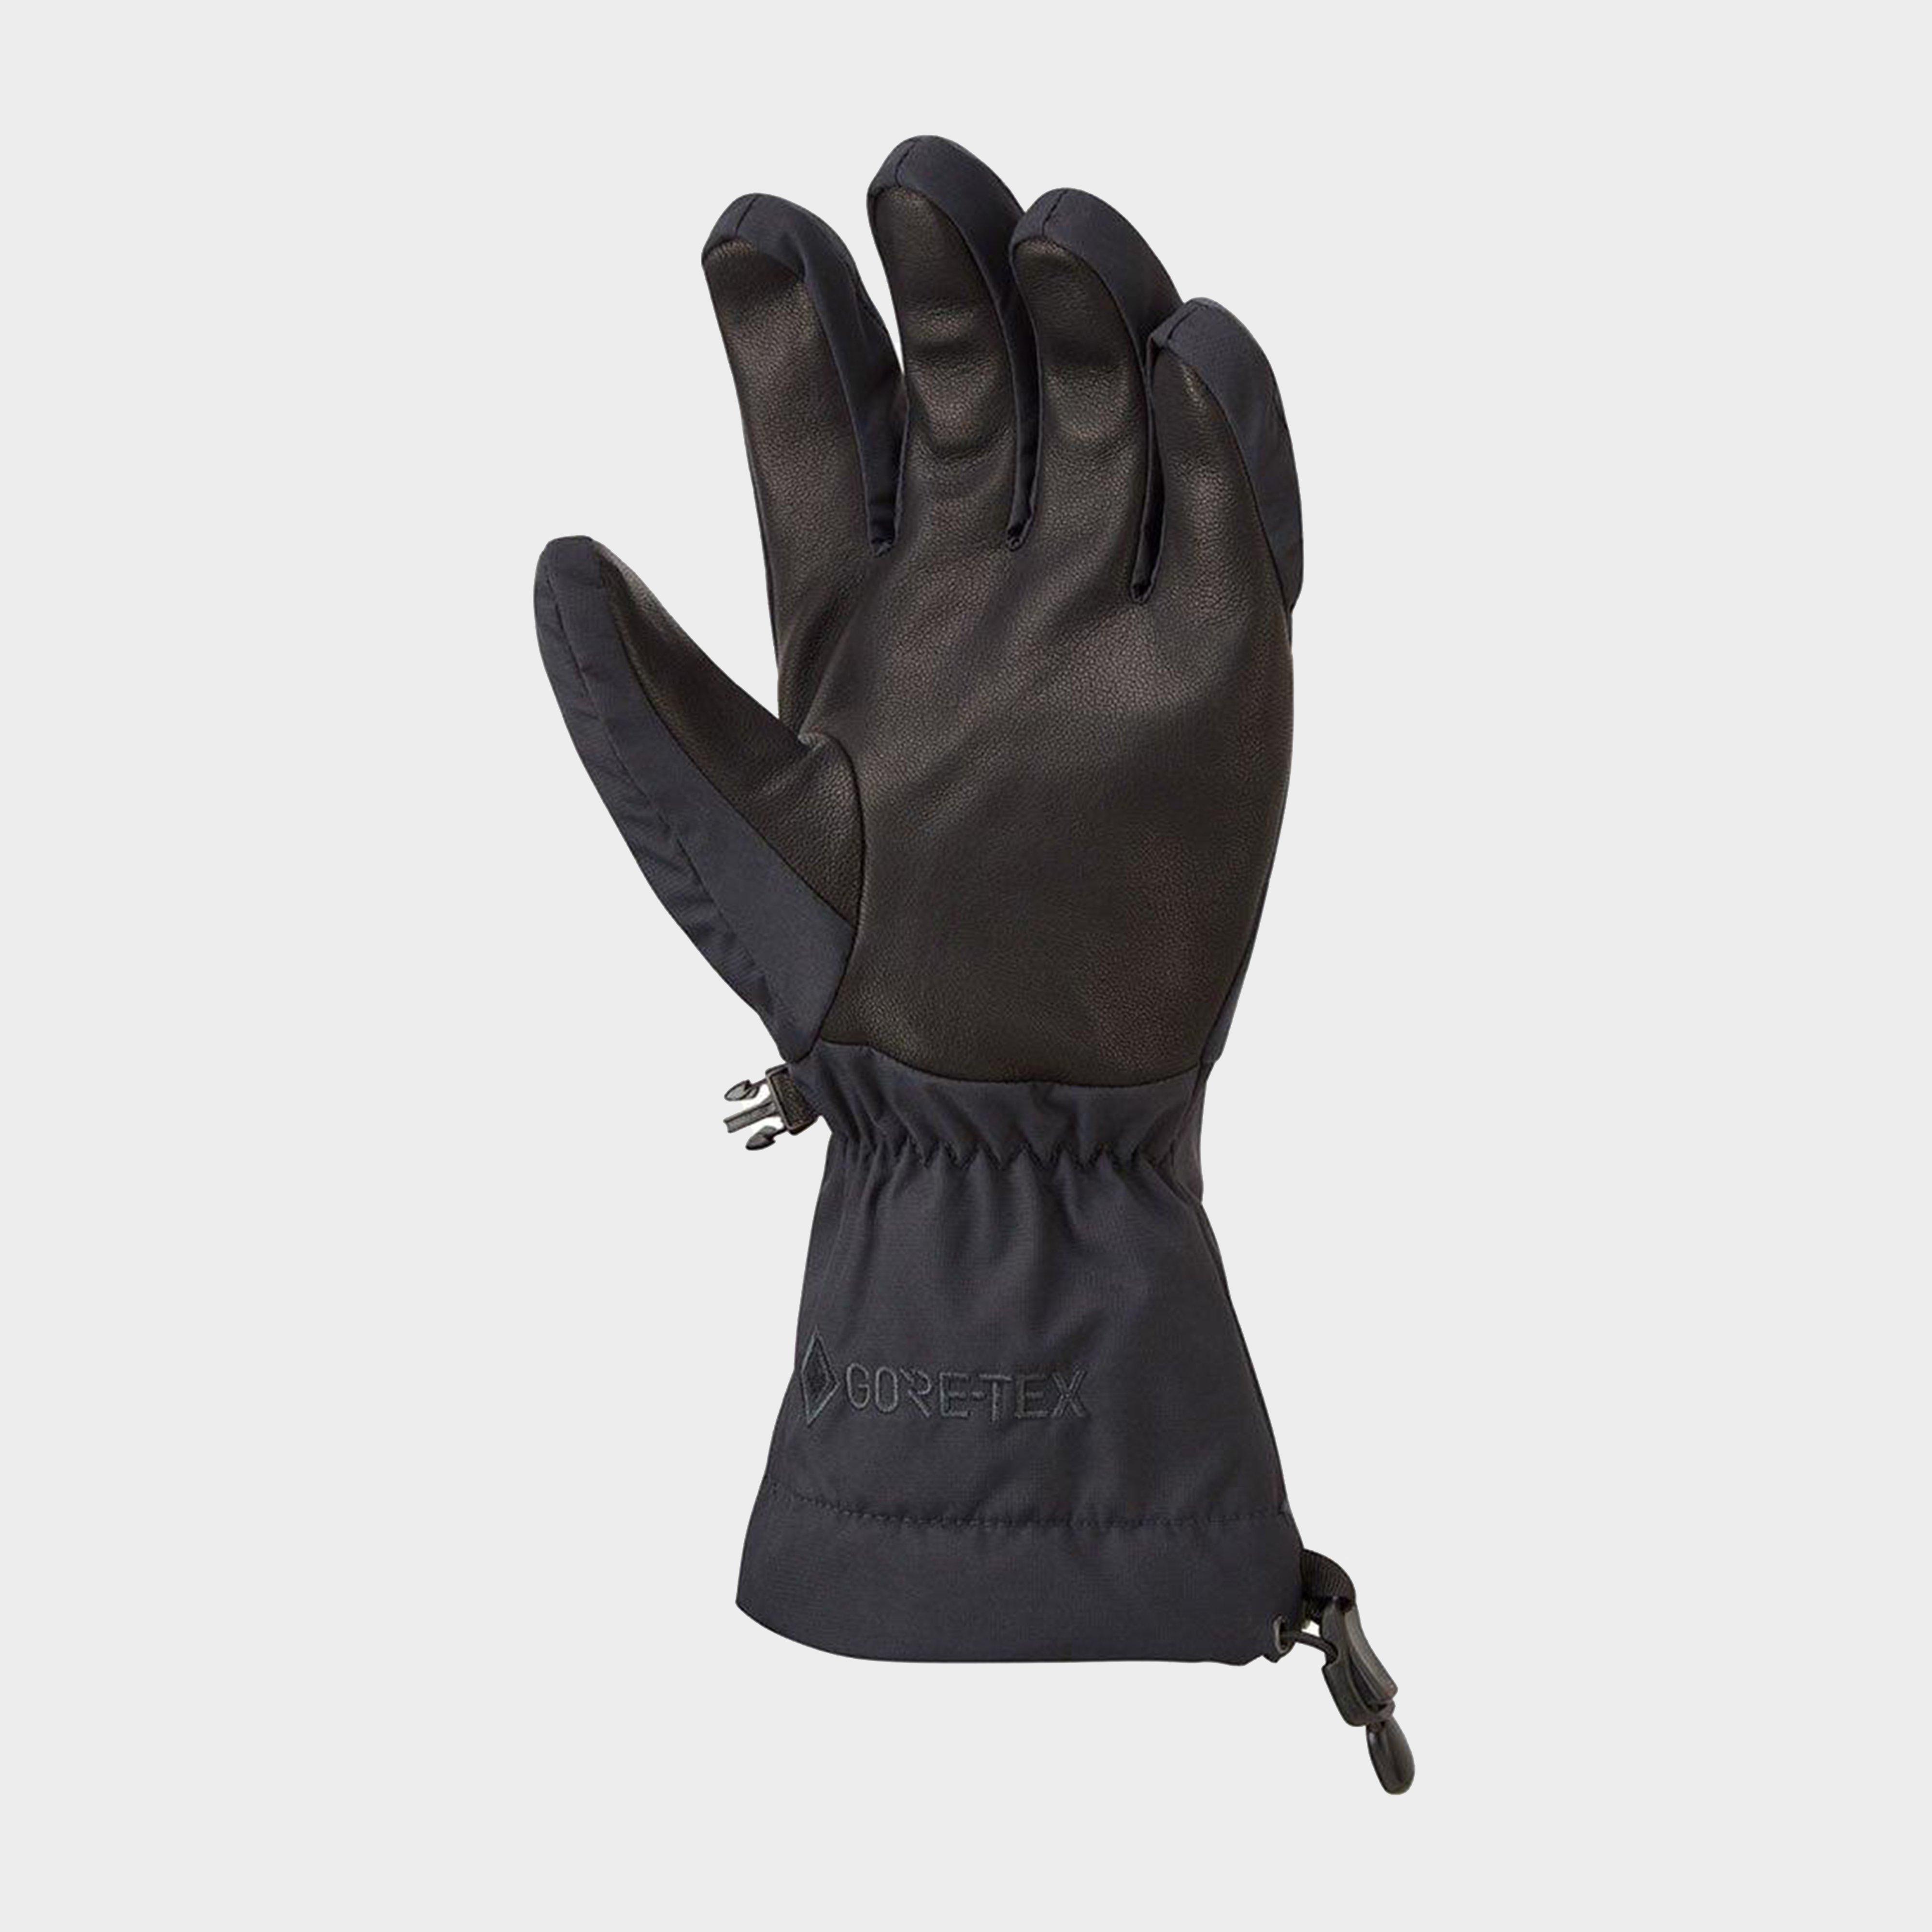 Rab Rab Pinnacle GTX Gloves - N/A, N/A